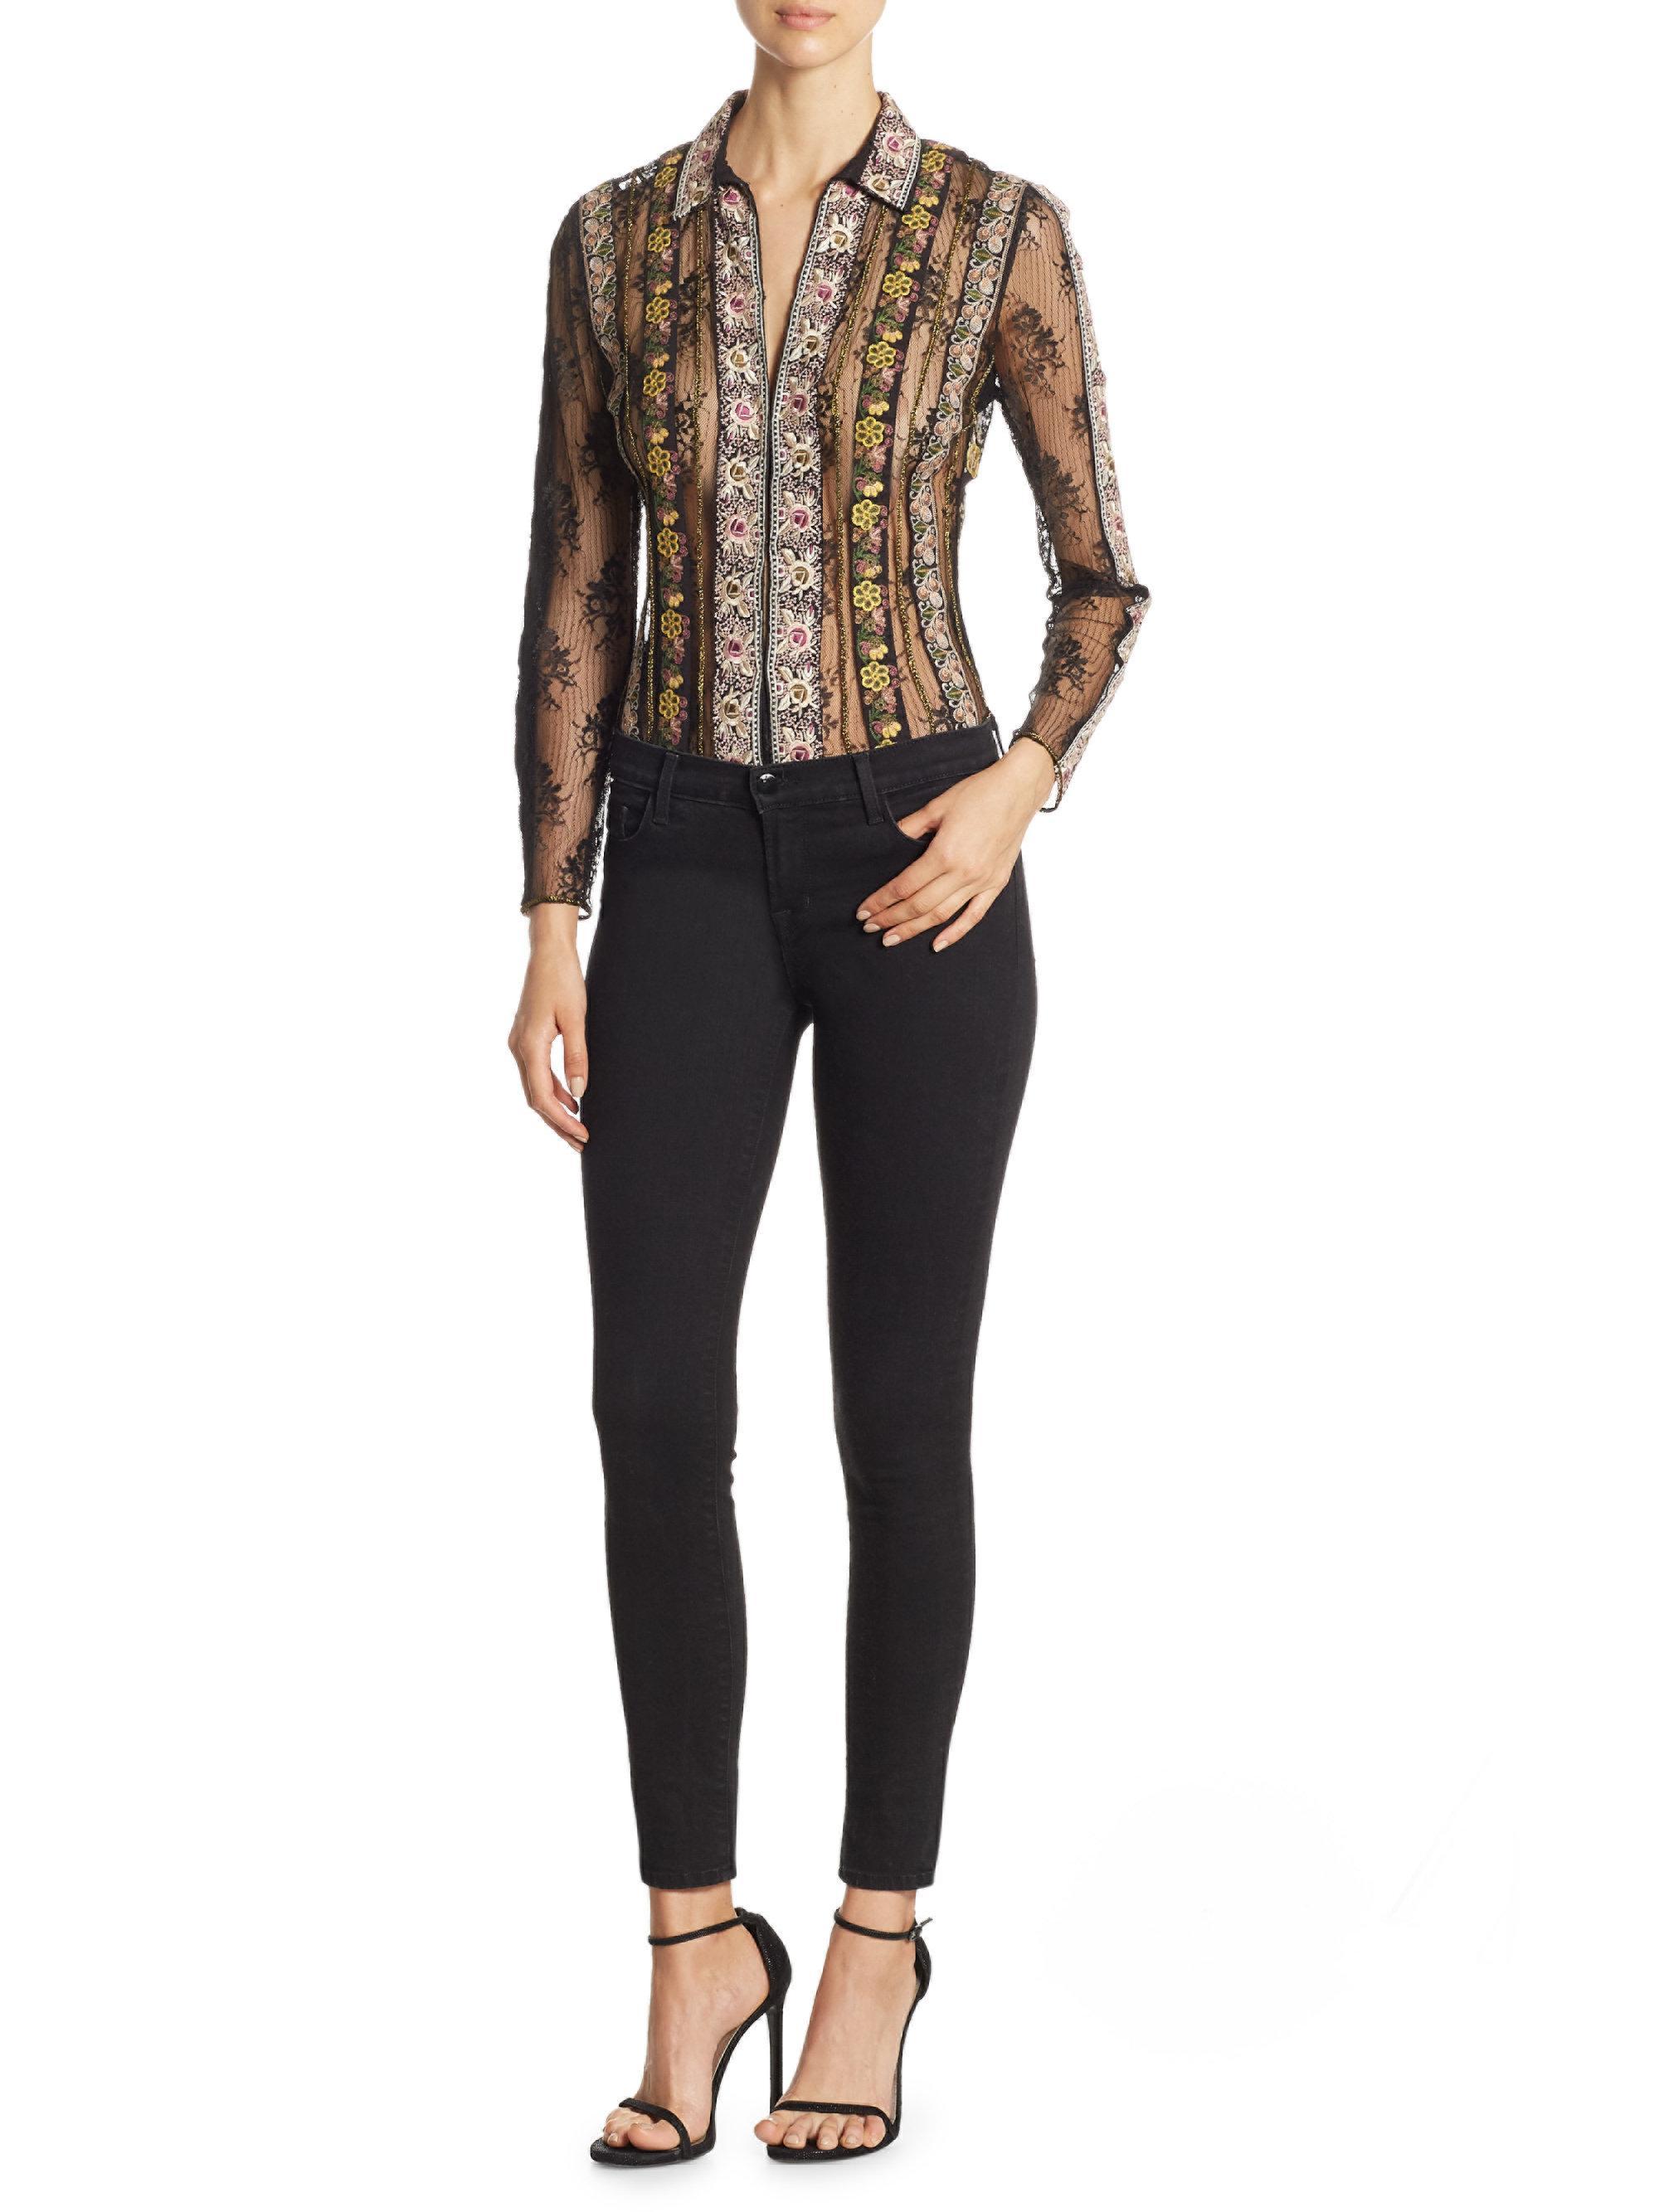 e9dca4788a1cb Lyst - Alice + Olivia Dalia Embroidered Fitted Top in Black